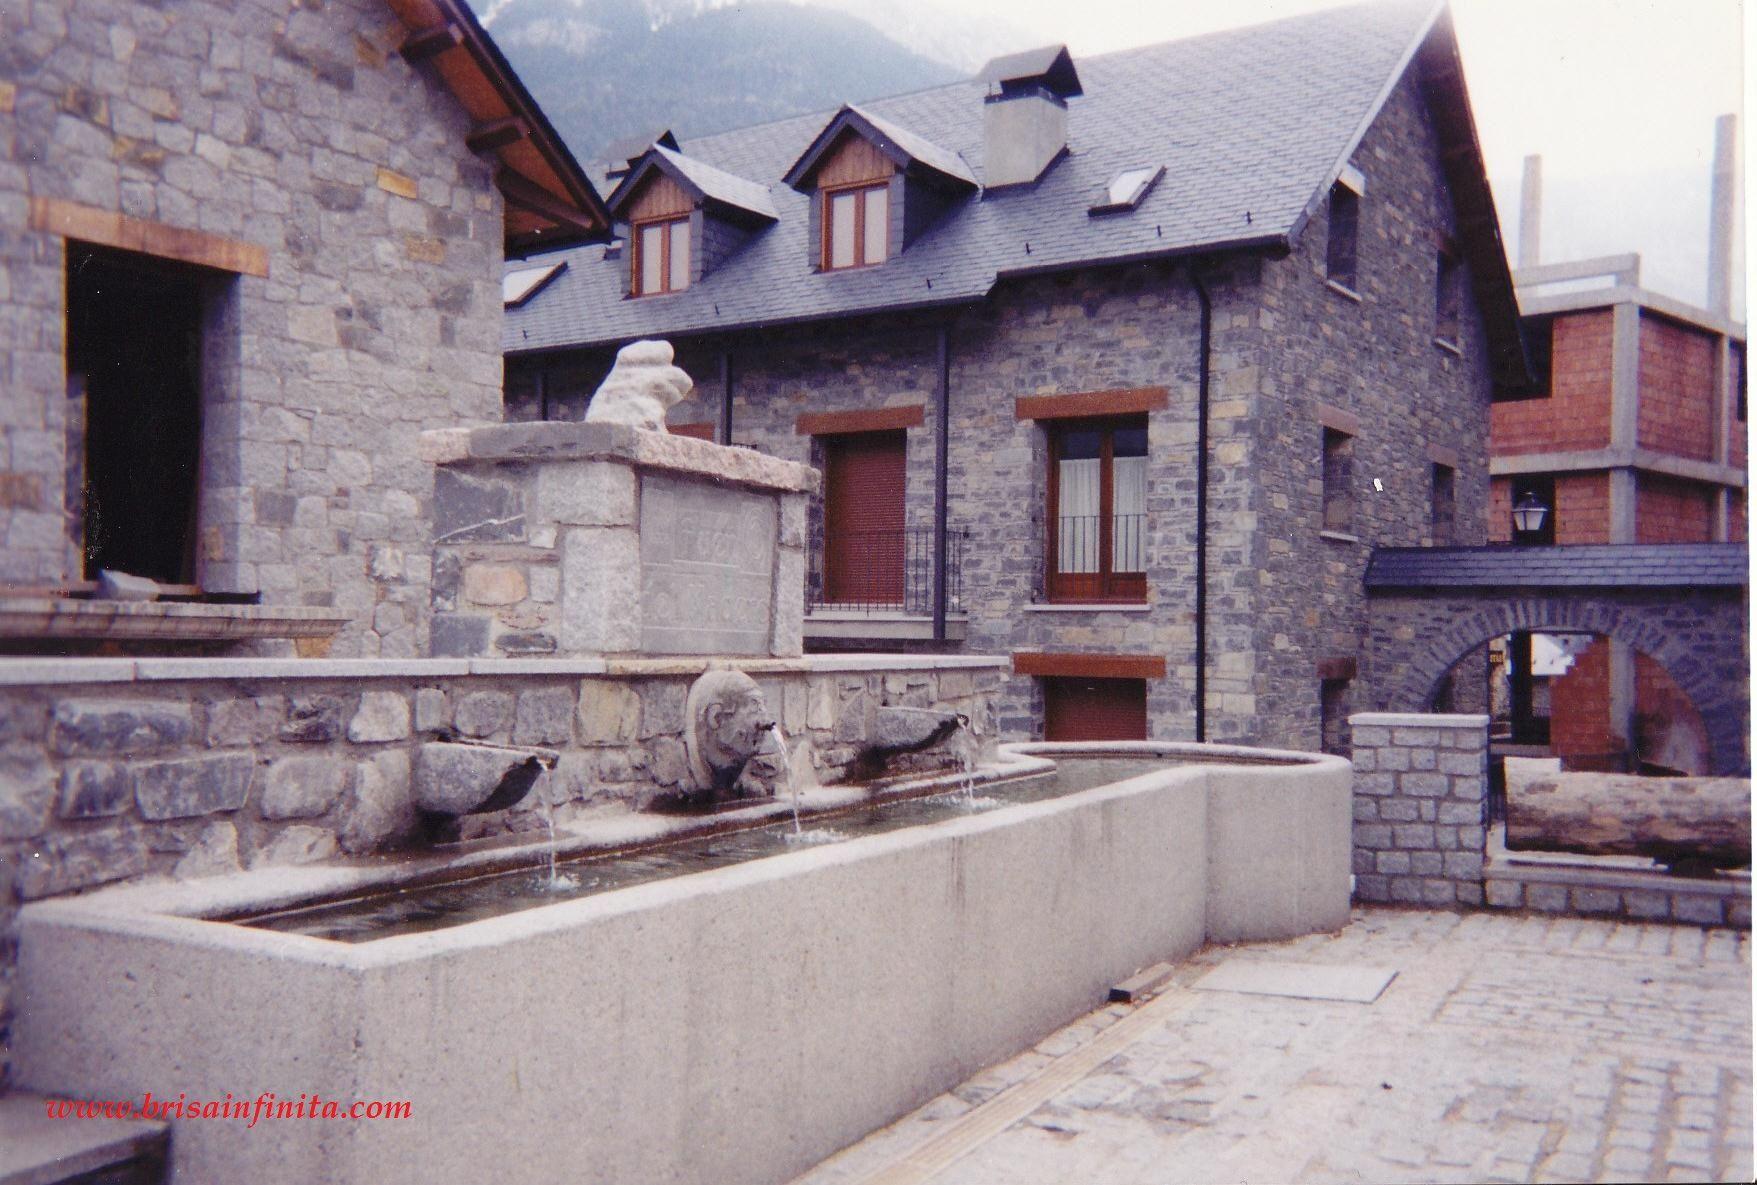 Abrevadero fuente de Plan (Valle de Chistau) Pirineos de Huesca